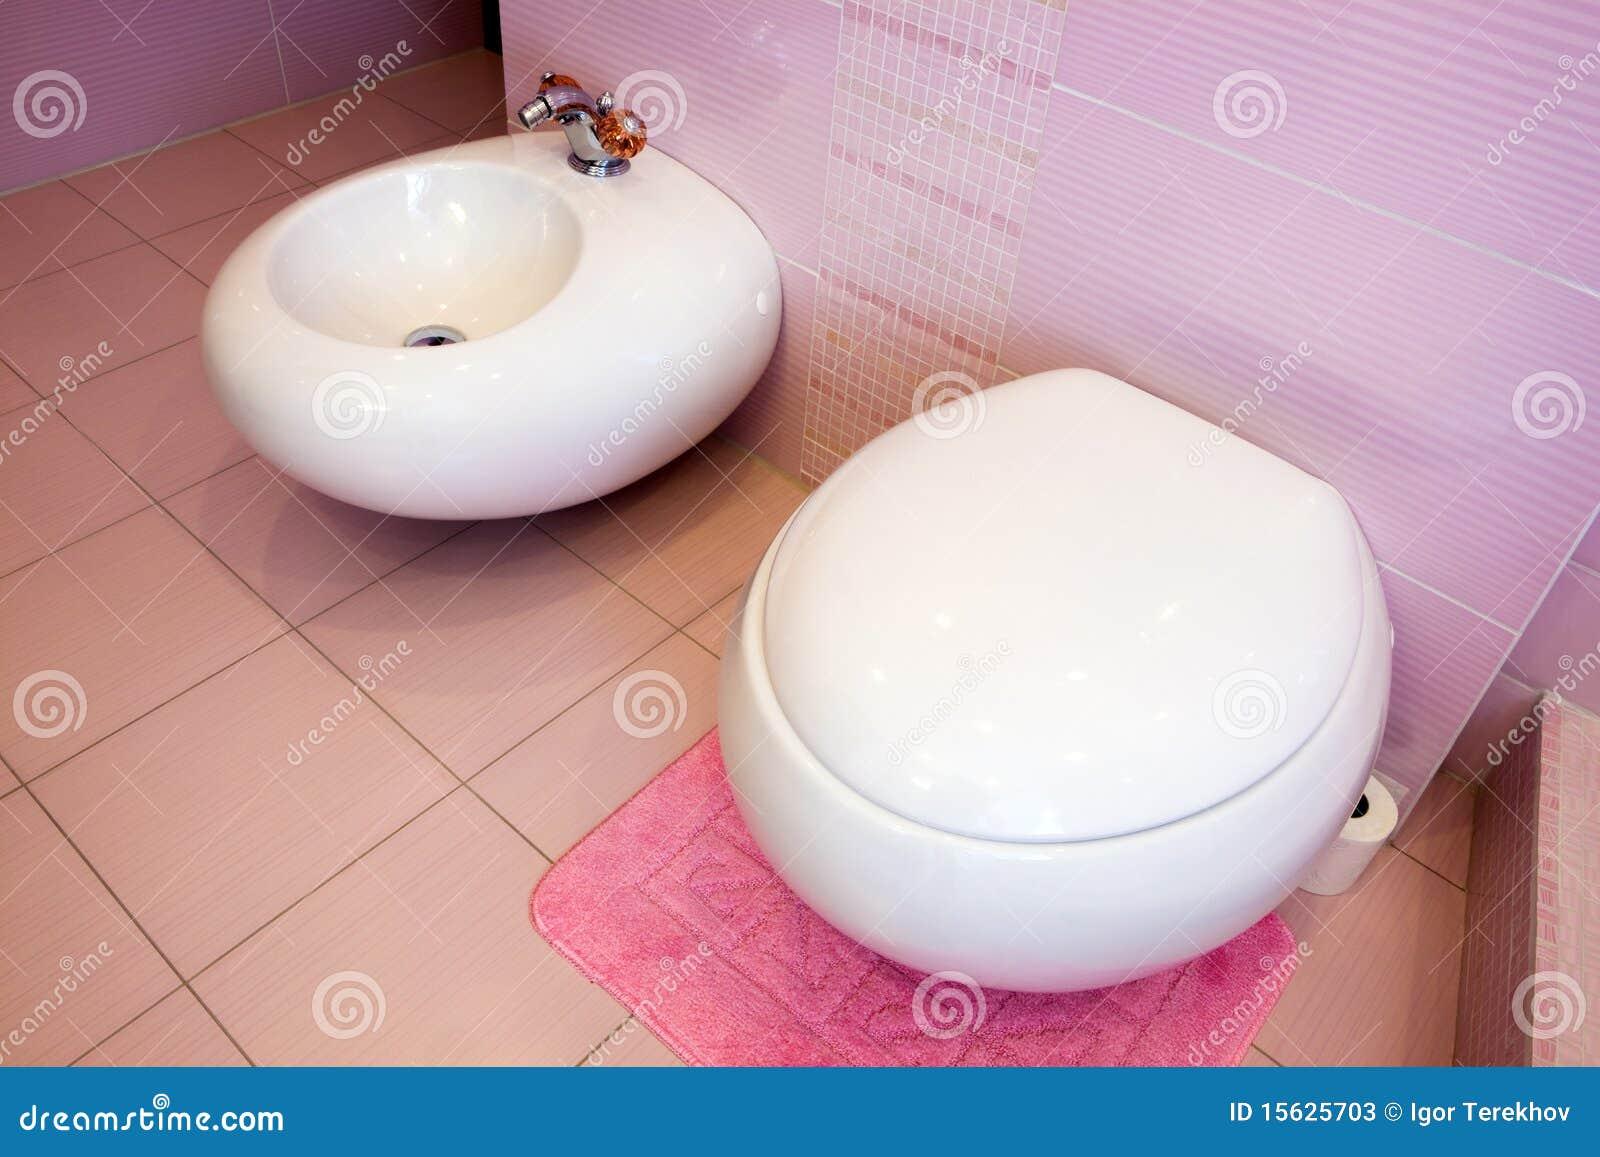 Banheiro Corderosa Bonito Fotos de Stock  Imagem 15625703 -> Banheiro Decorado De Rosa